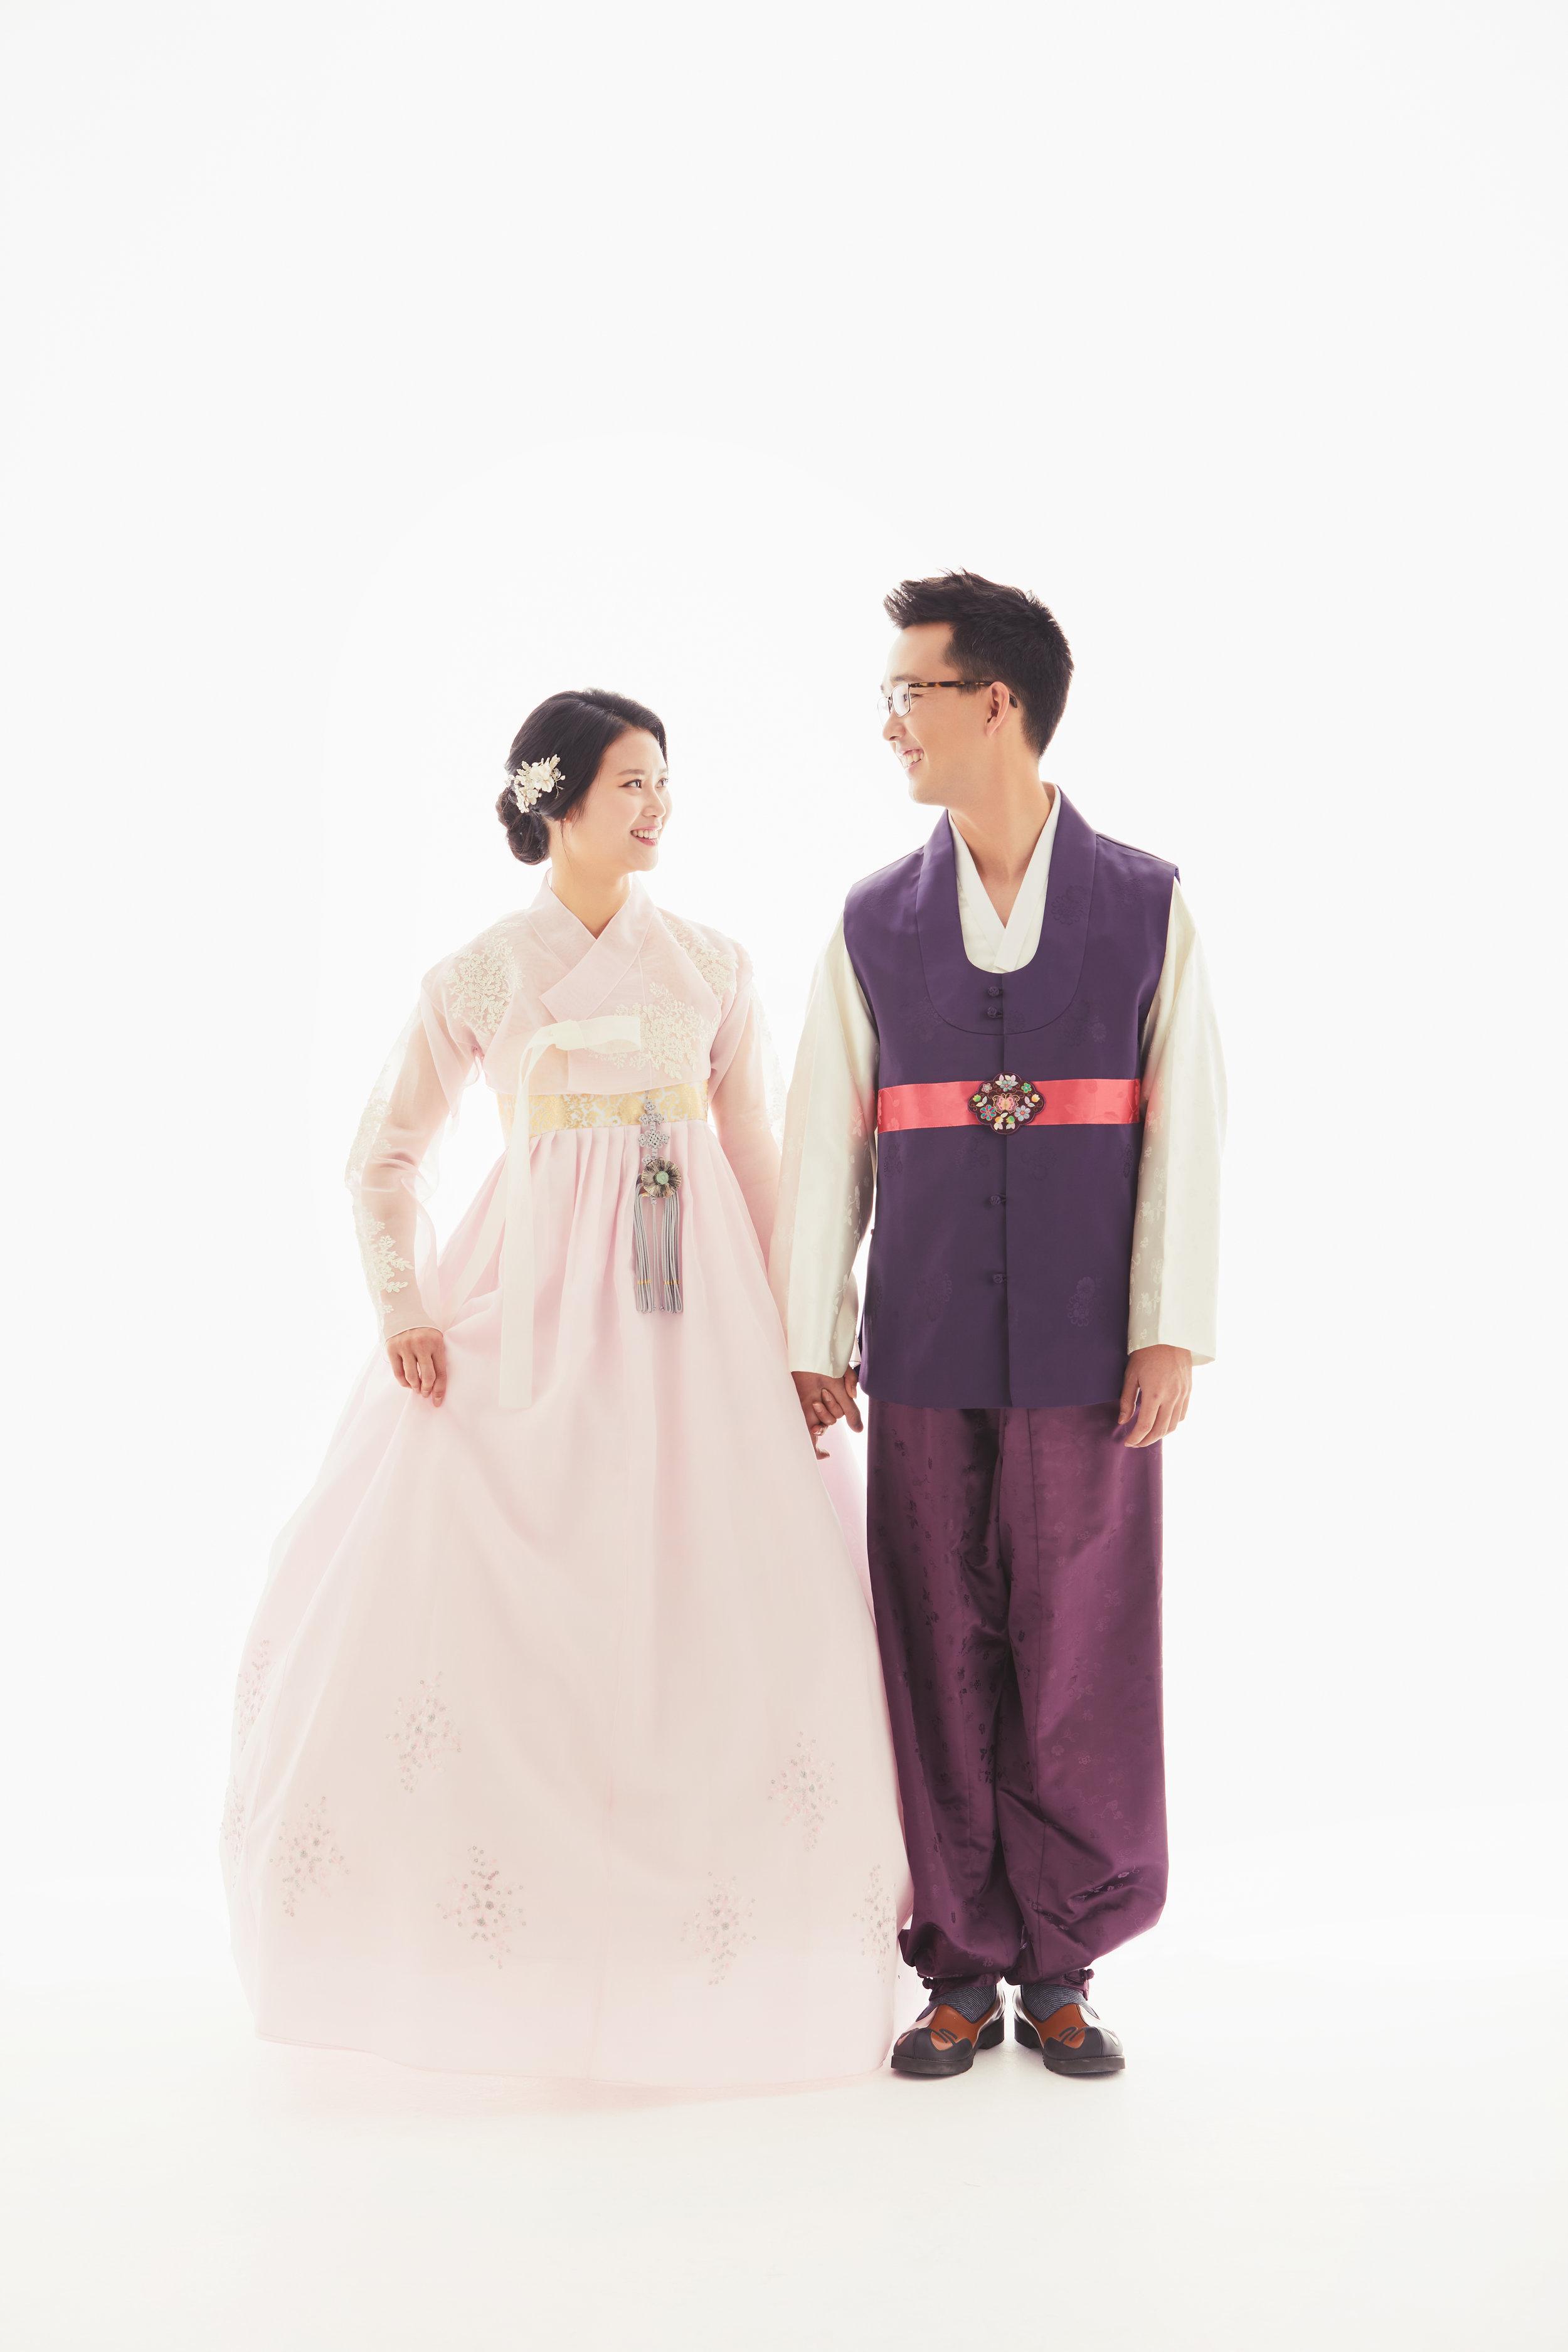 1122_wedding_Irene_0585.jpg